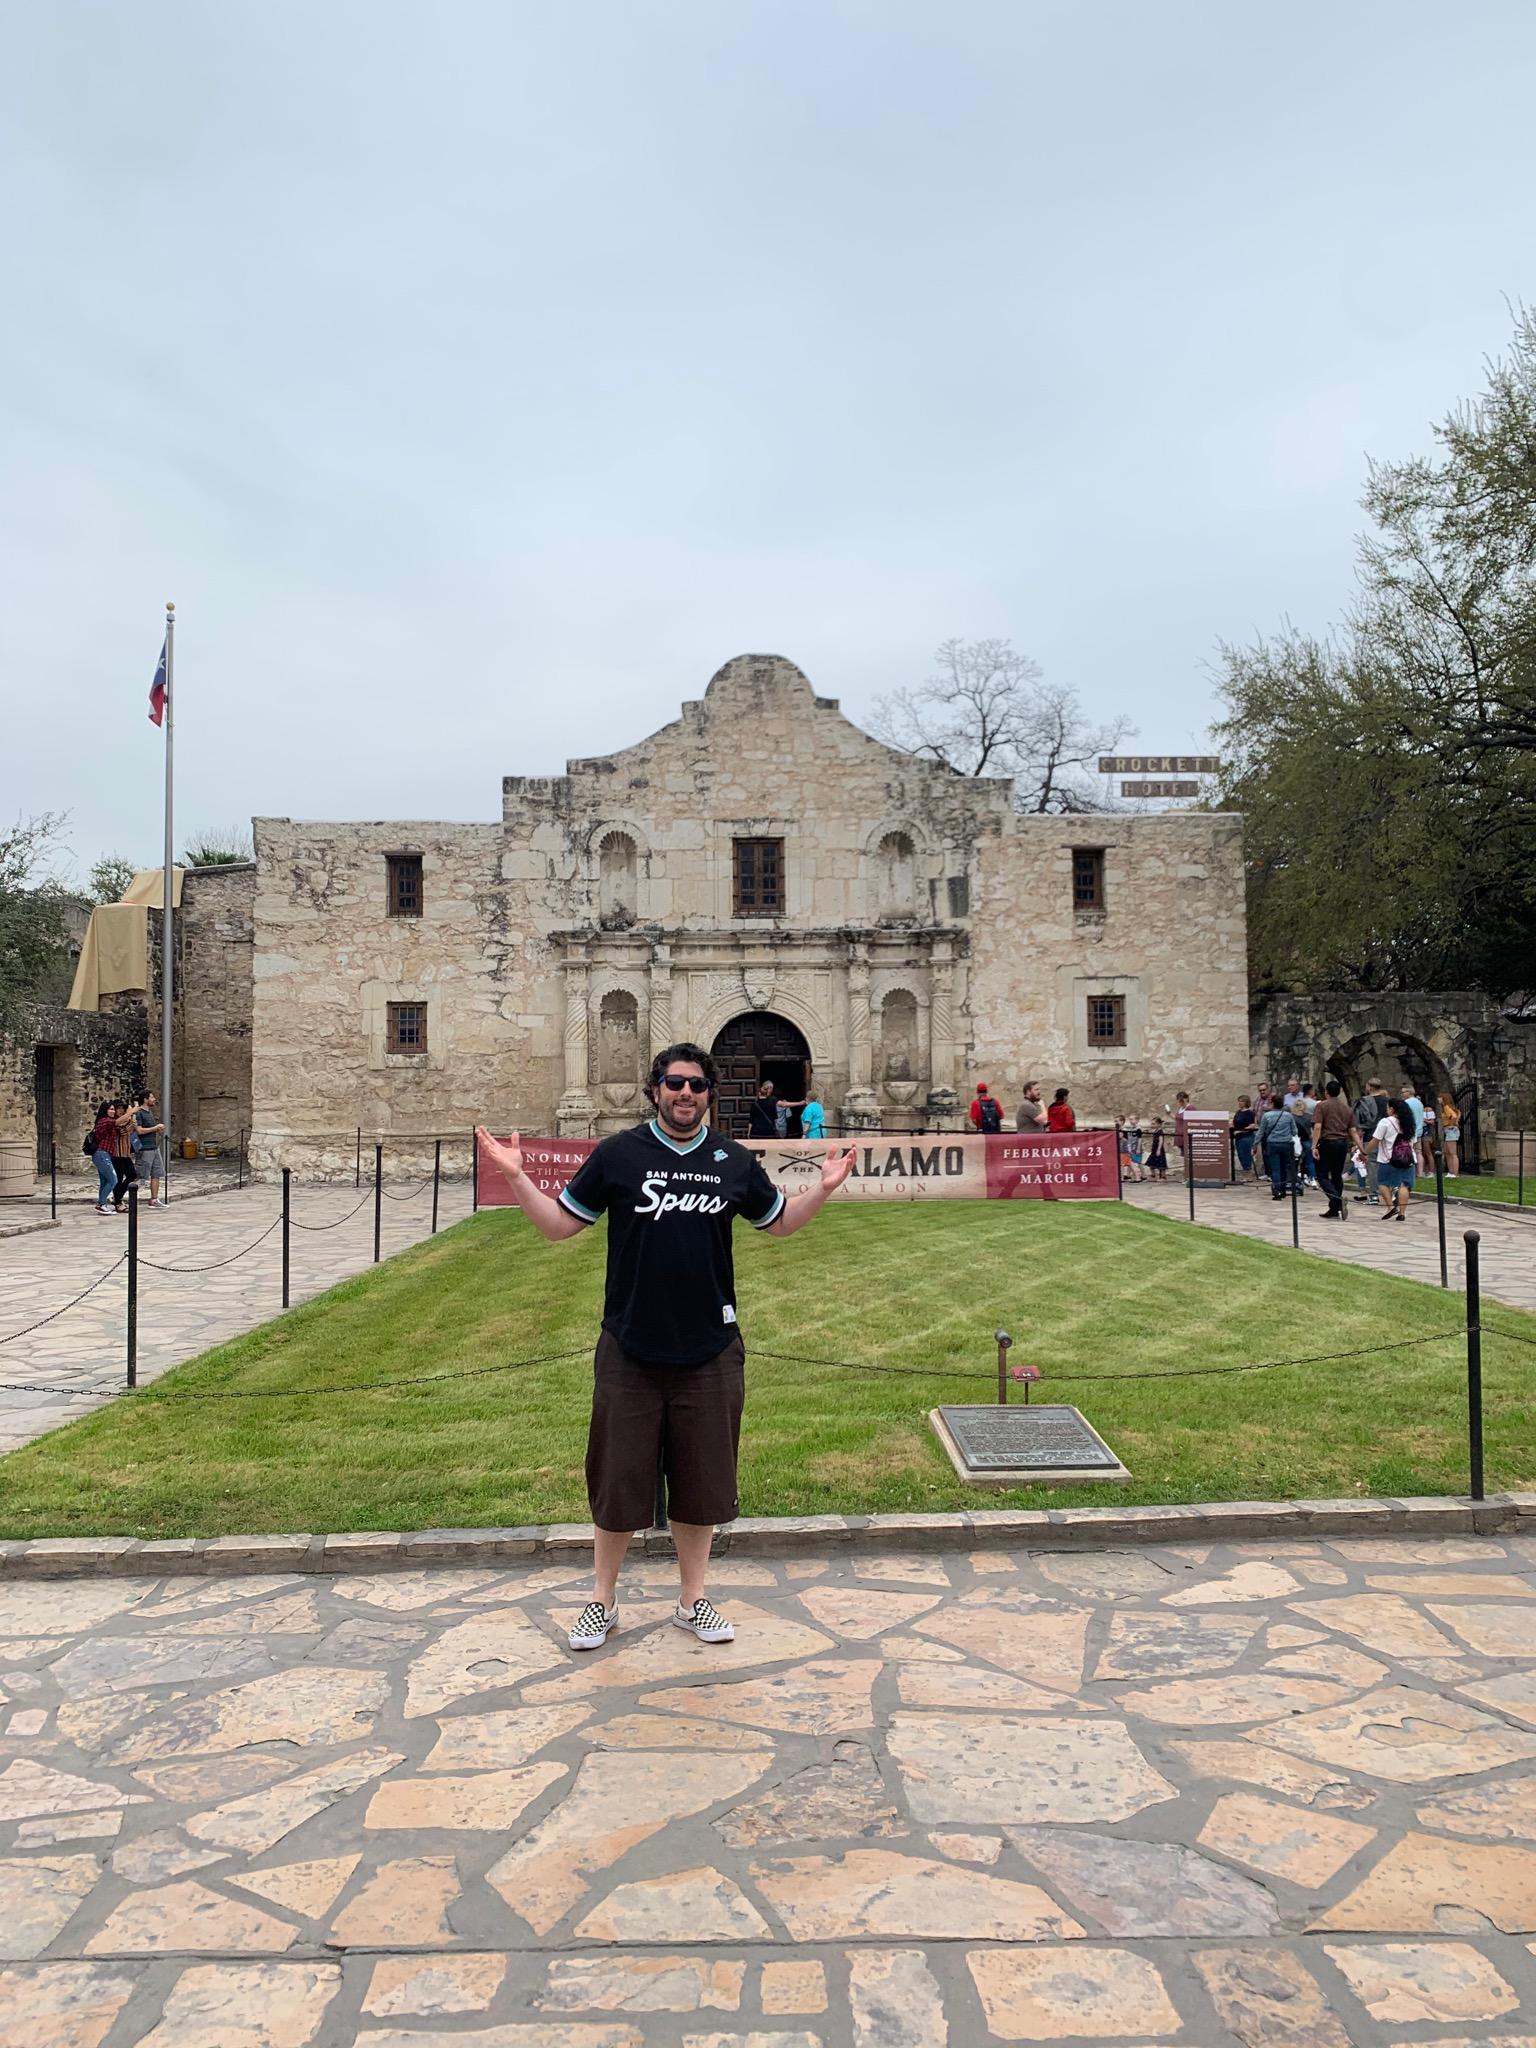 Lee shrugs at the Alamo in San Antonio (Pre-Covid).